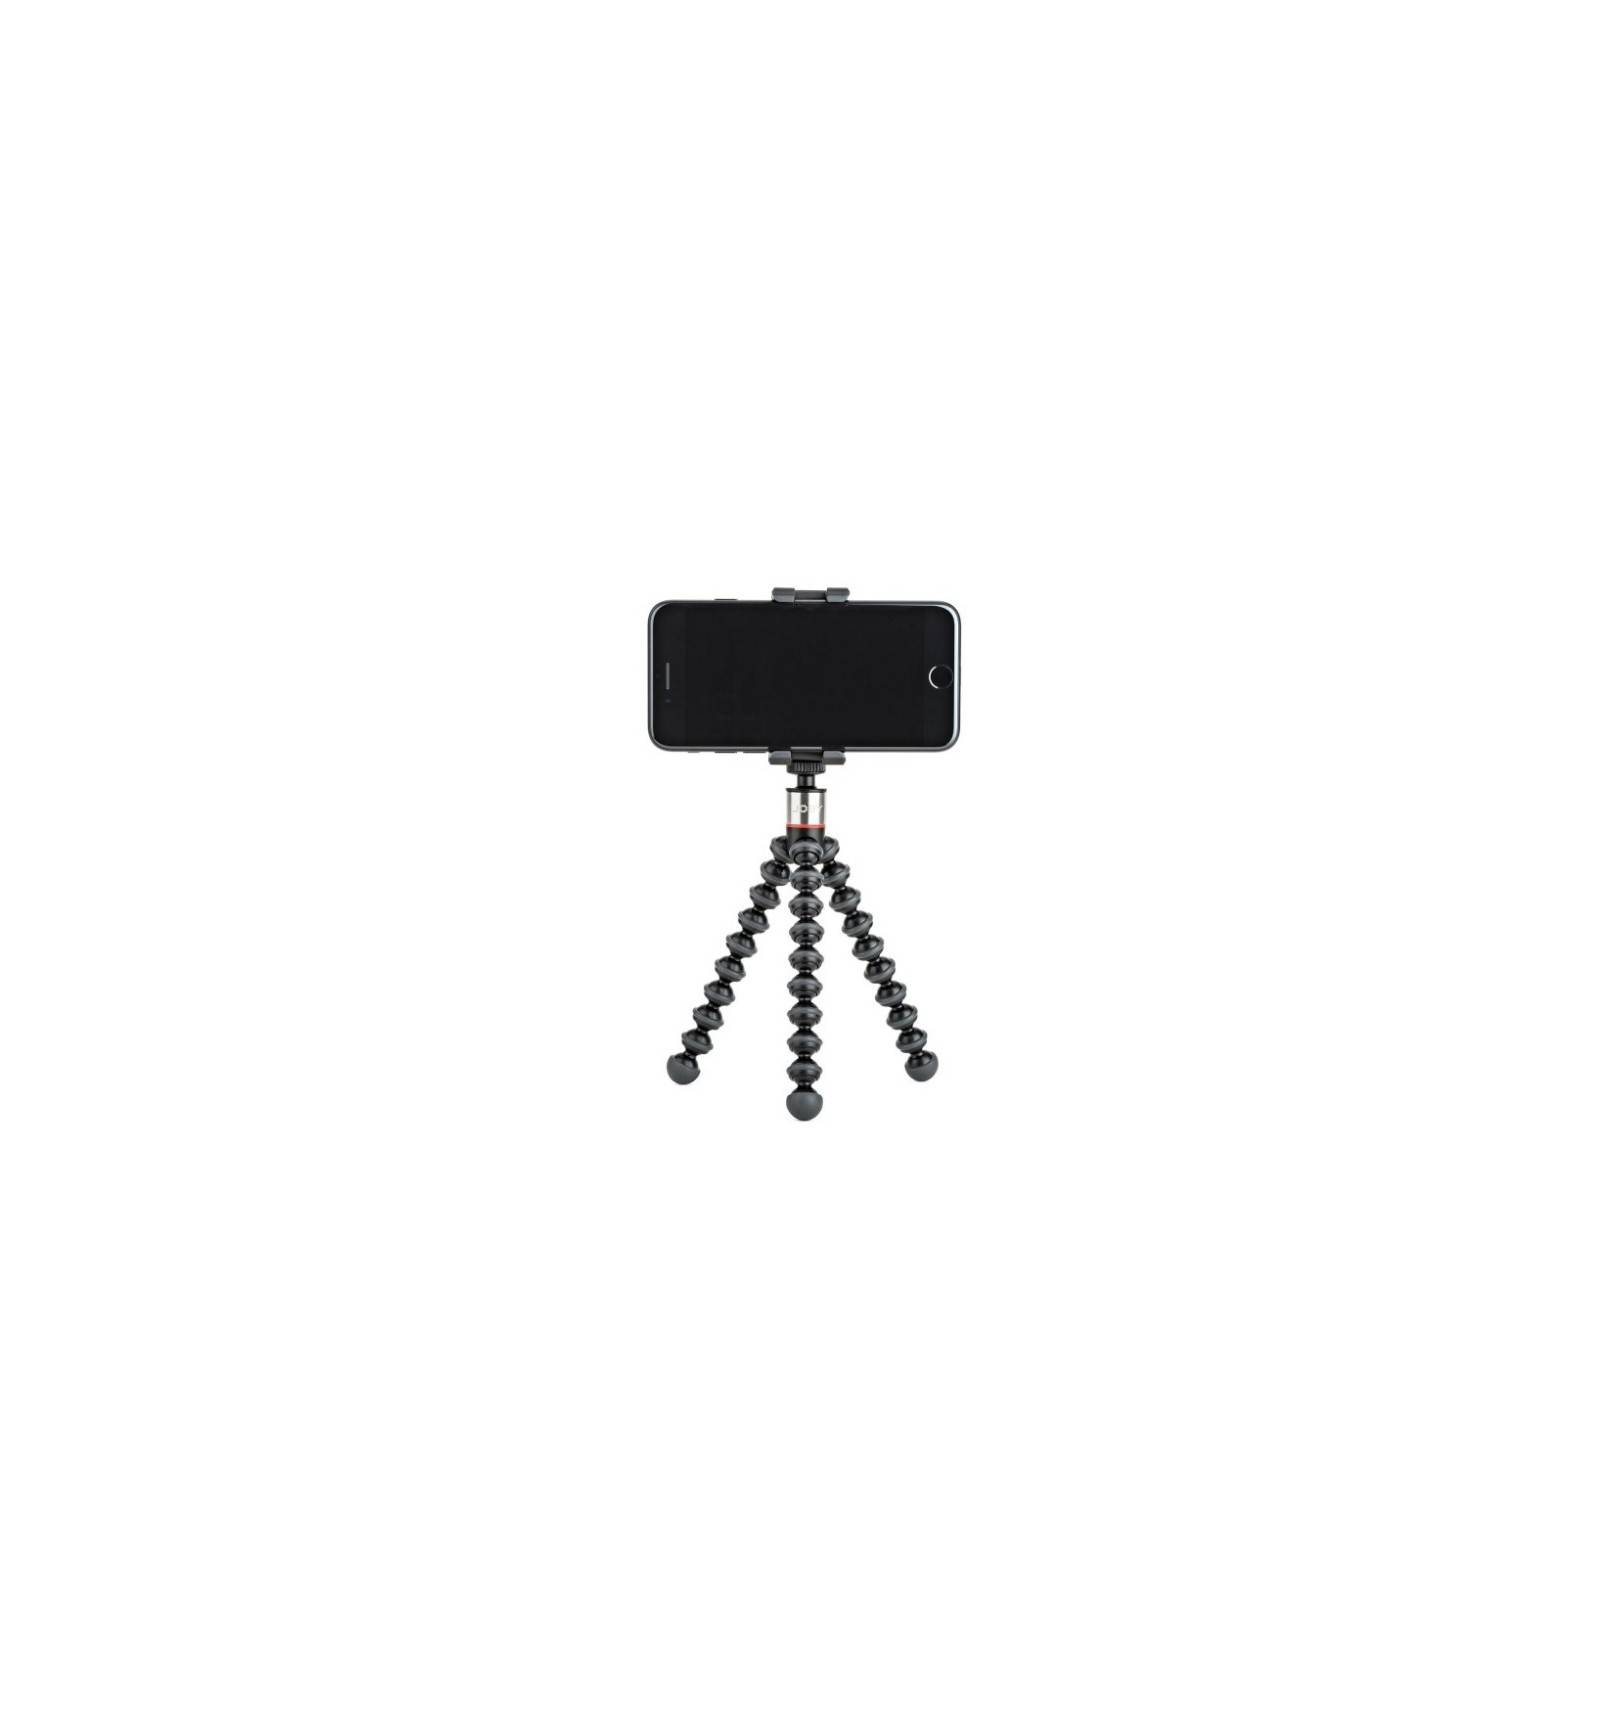 Joby GripTight One GP Stand kolmijalka Älypuhelin/Tabletti 3 jalkoja Musta